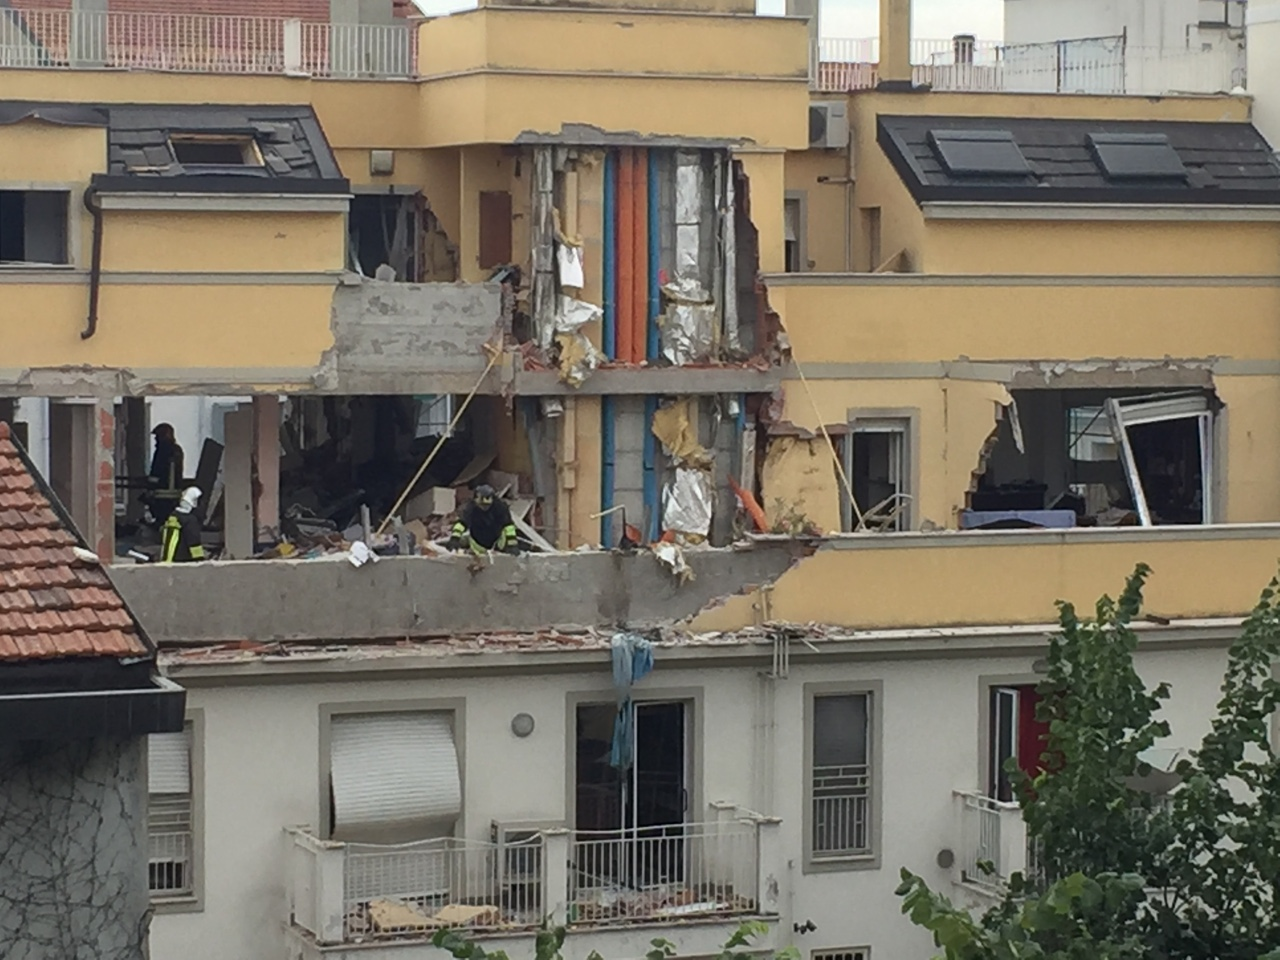 Milano palazzo sventrato in via portoferraio tre morti for Quanto sarebbe stato costruire una casa